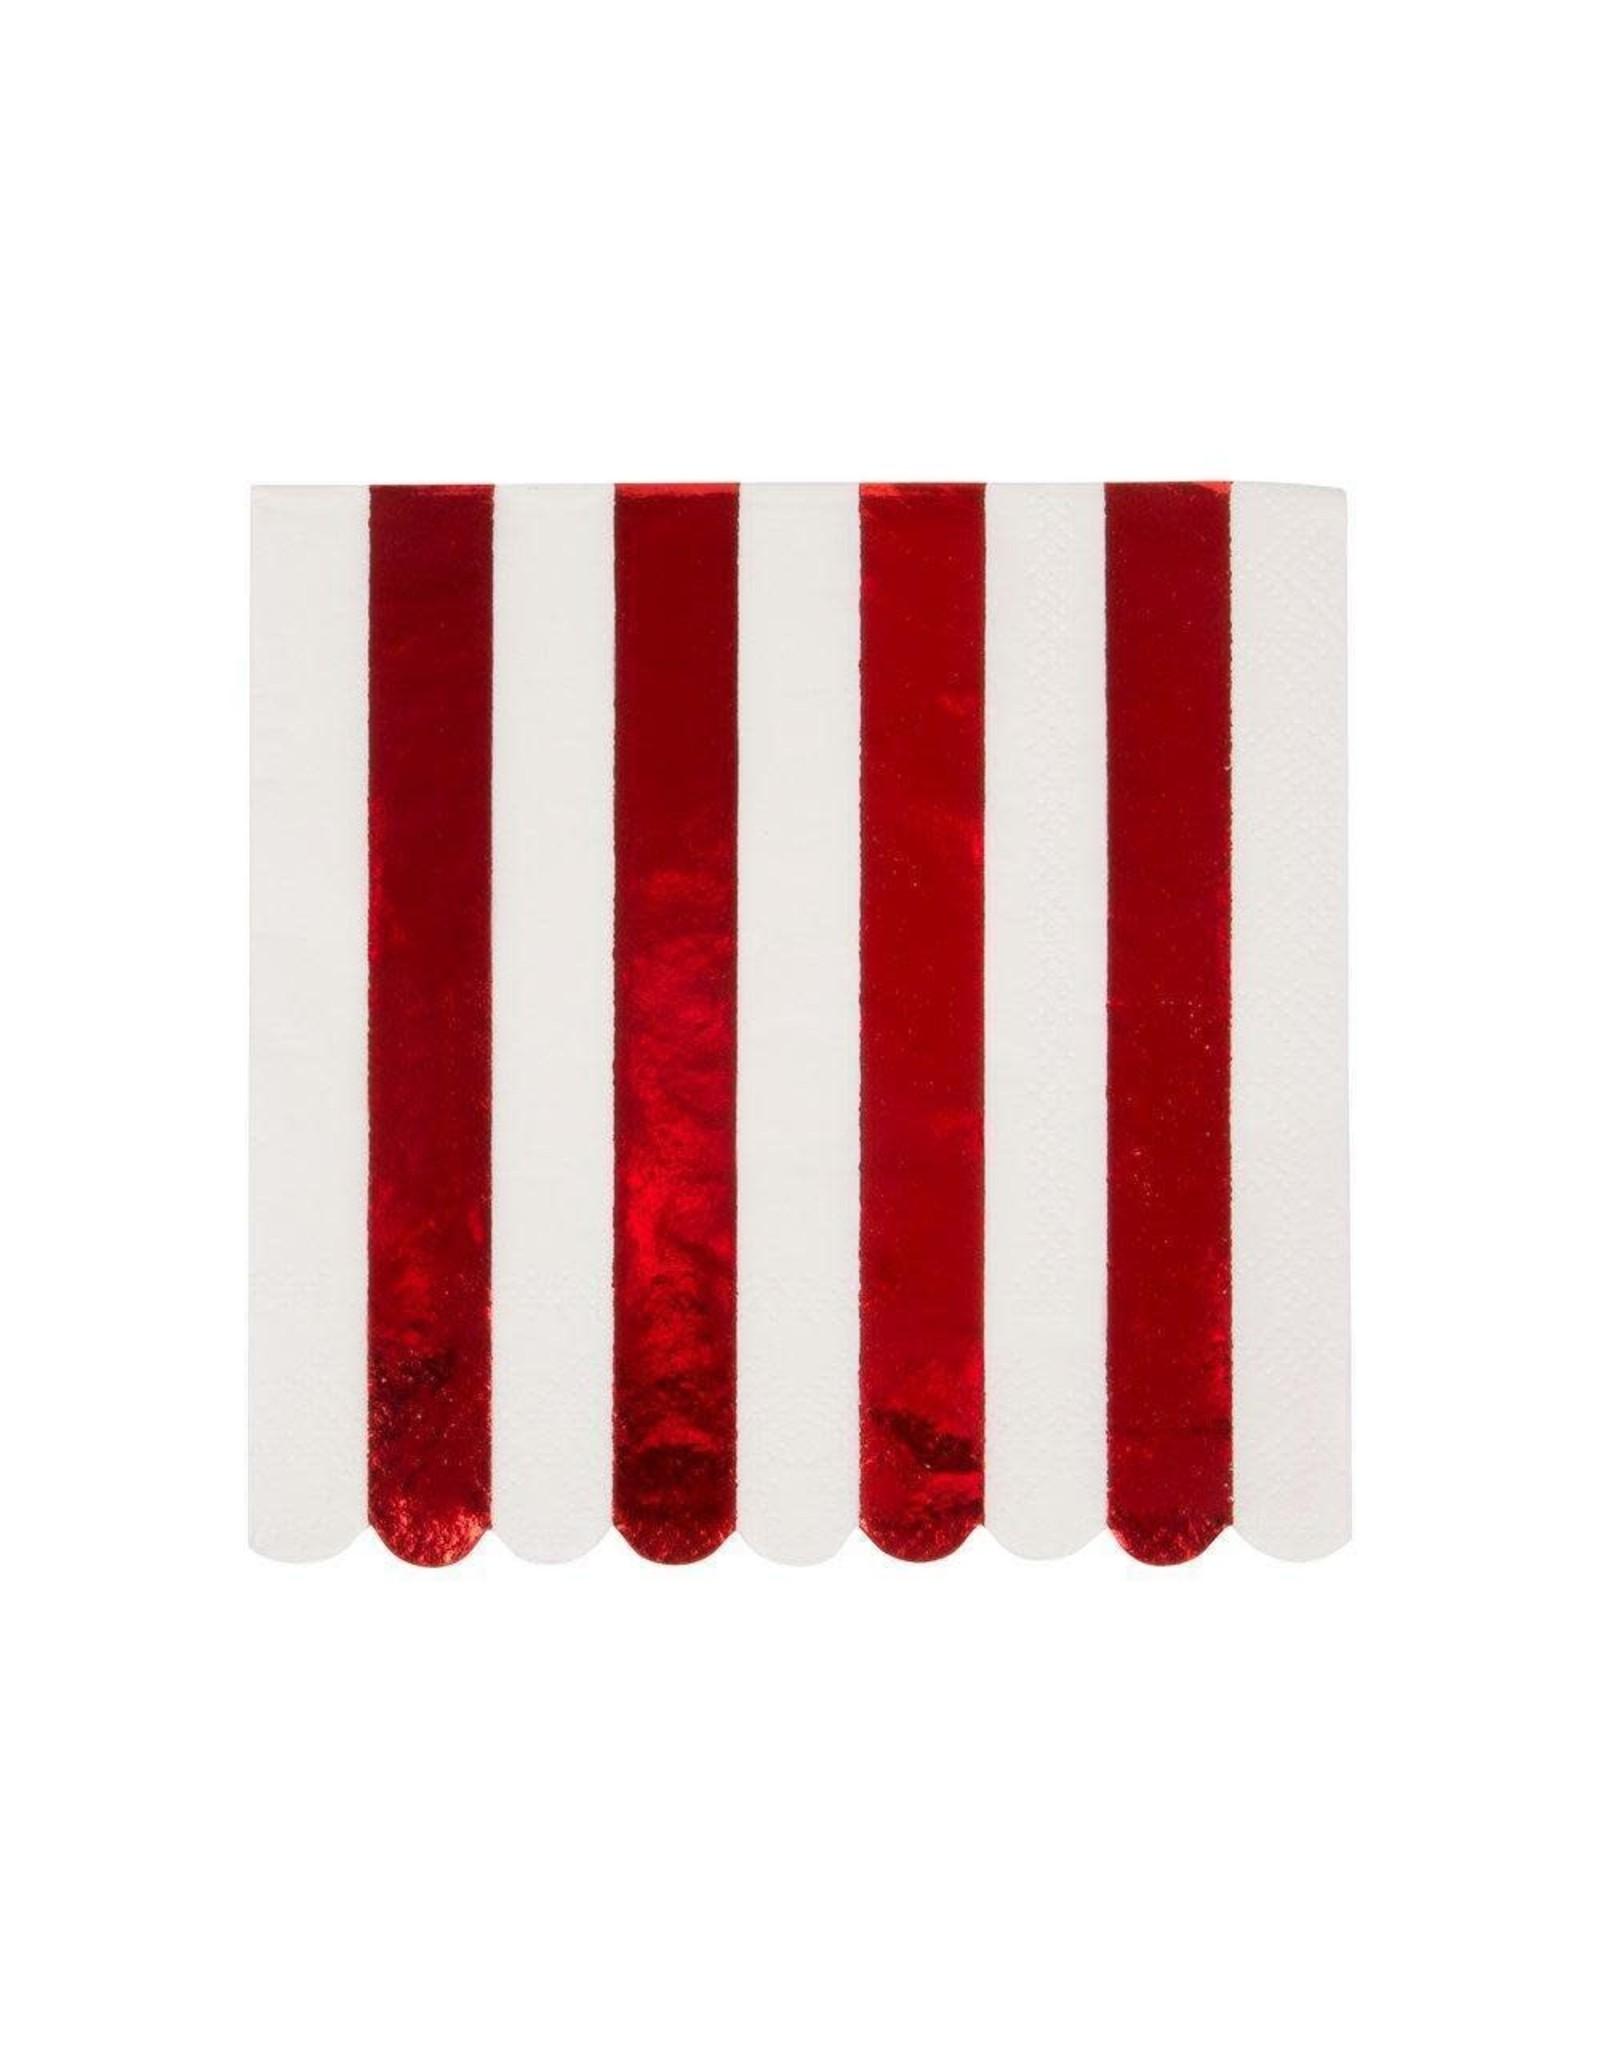 Meri Meri Serviettes | Zuurstok rood | 16st | 10 x 10cm